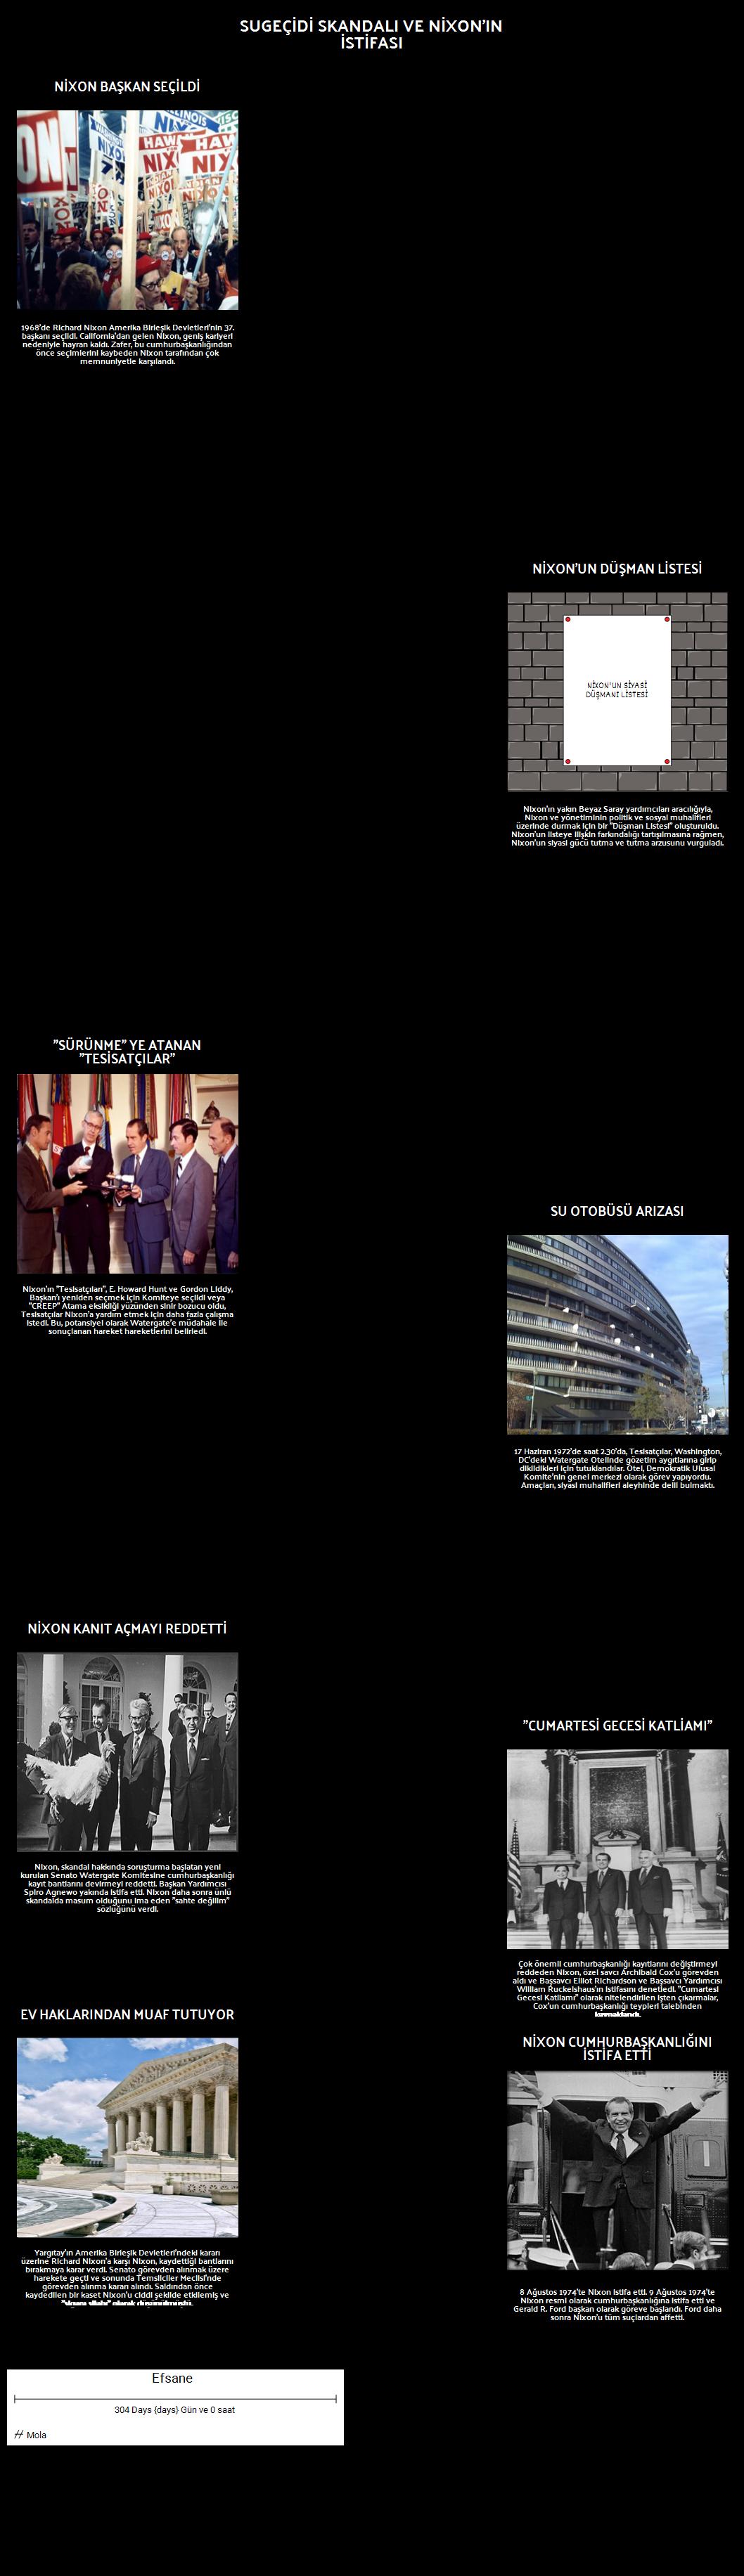 Watergate Skandalı Zaman Çizelgesi ve Nixon'ın İstifası